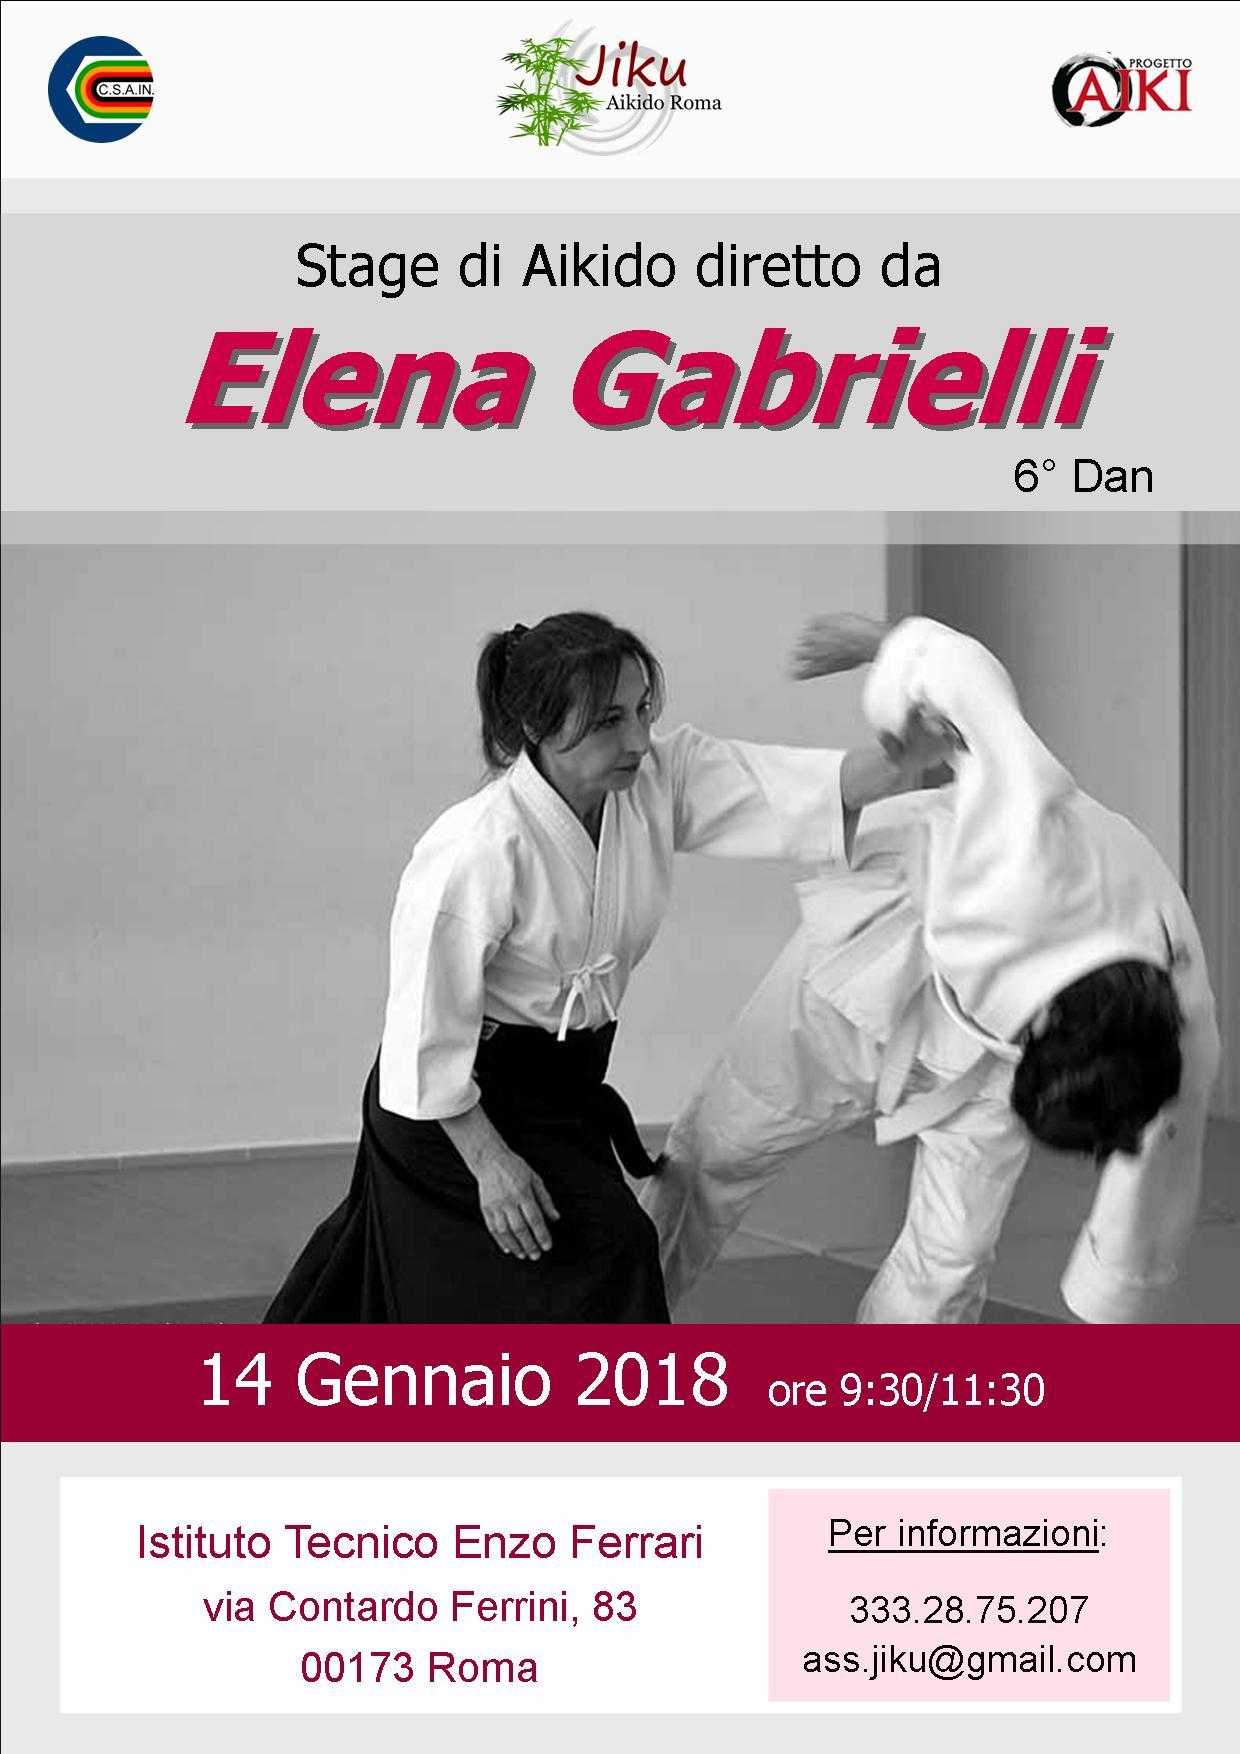 Stage di Aikido, Elena Gabrielli, Roma, Jiku